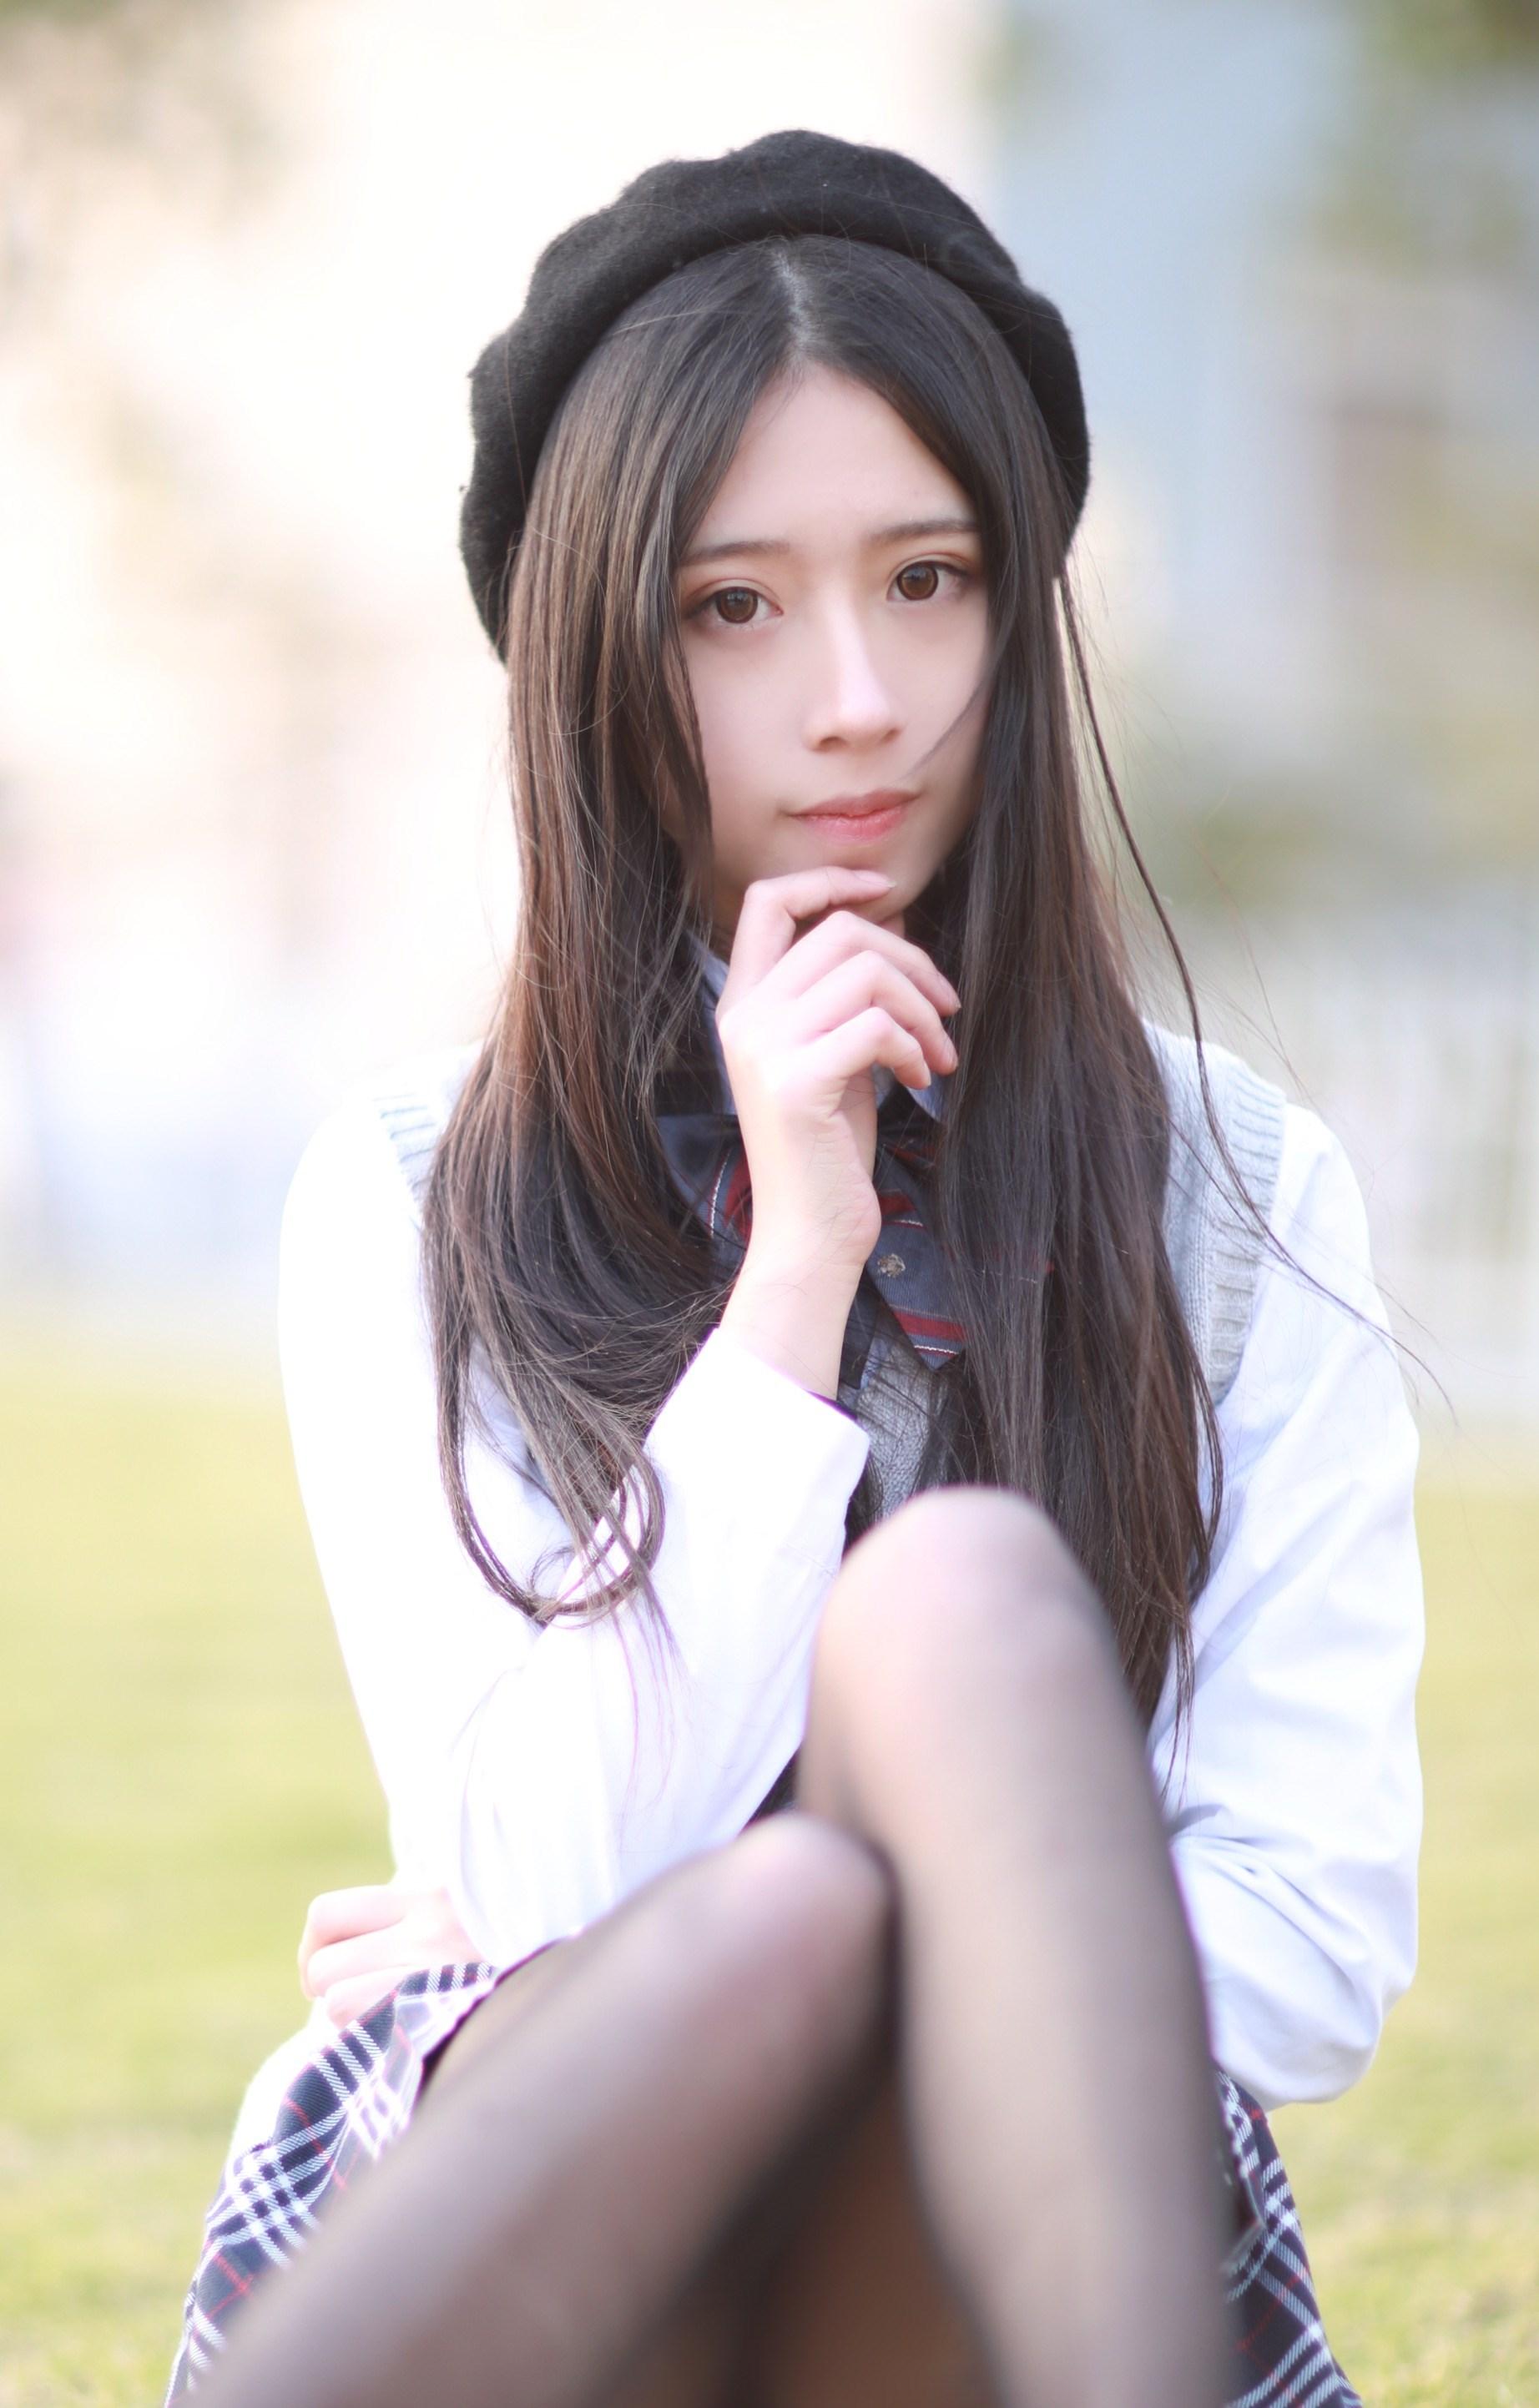 【兔玩映画】制服黑丝 兔玩映画 第22张